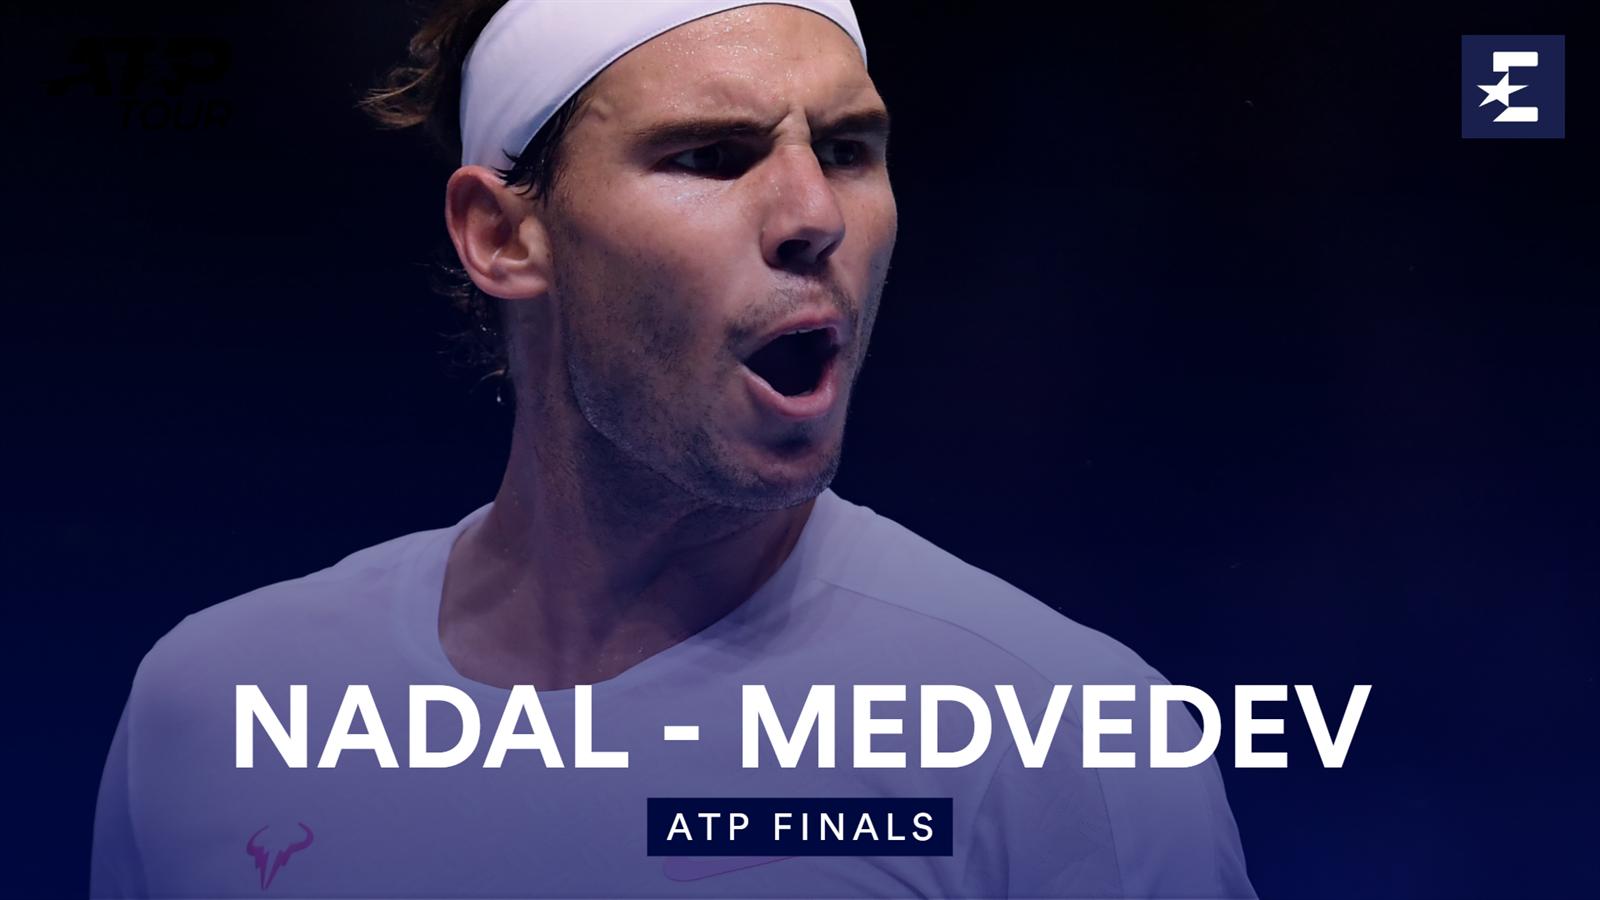 Самый горький хайлайт года: Медведев подарил Надалю выигранный матч